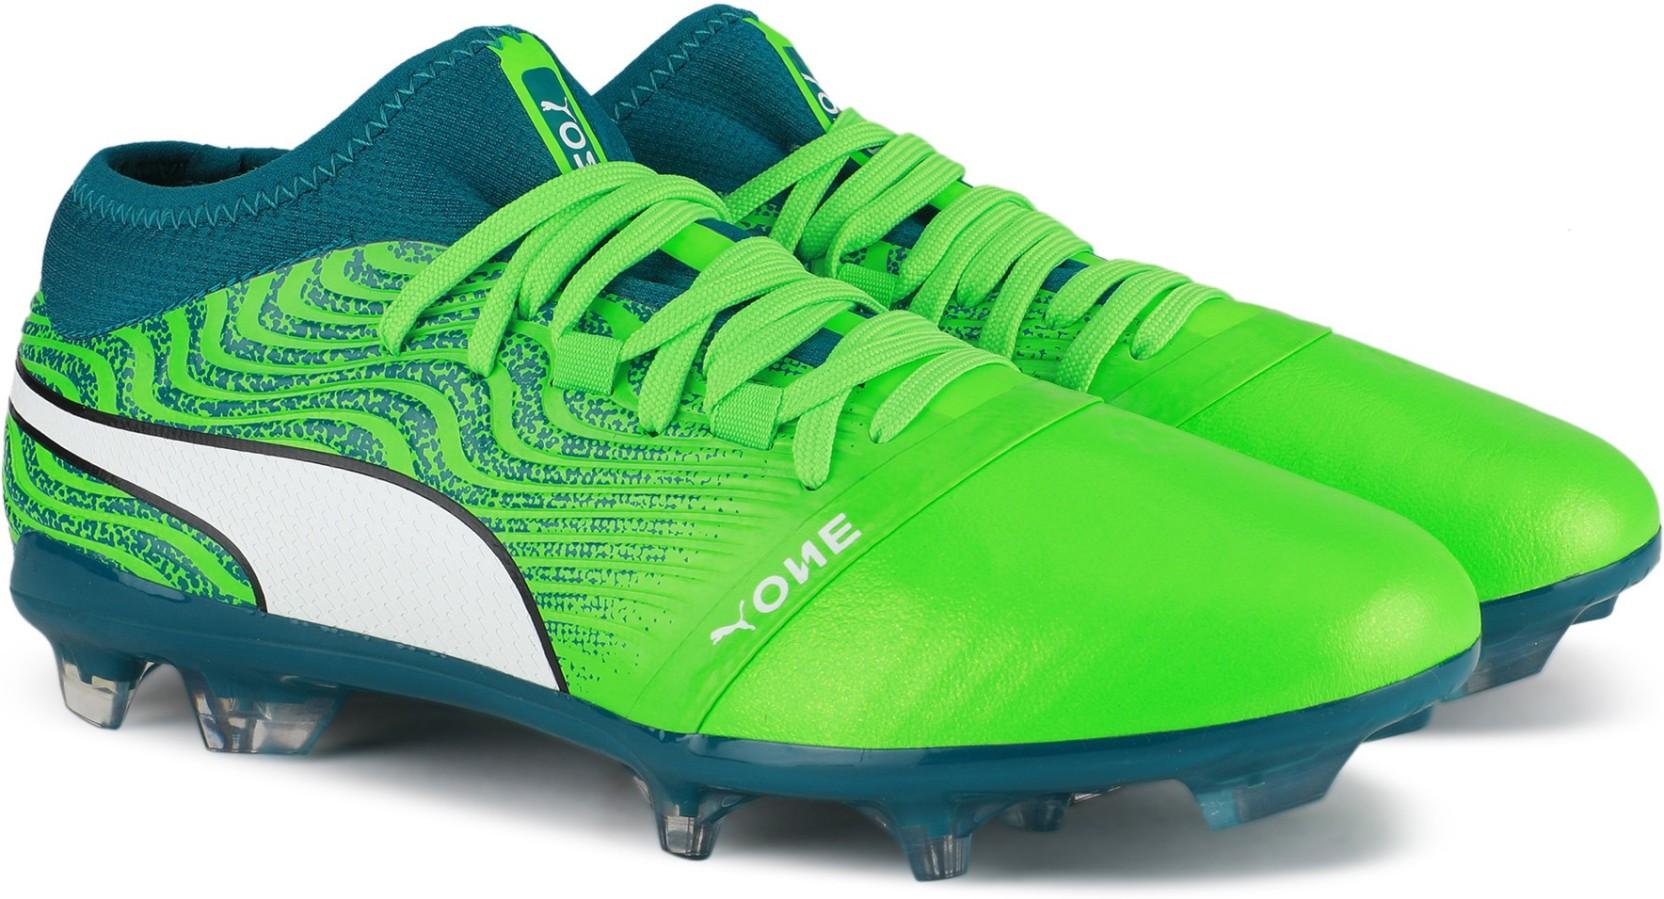 36b0afdcfcf Puma ONE 18.2 FG Football Shoes For Men - Buy Green Gecko-Puma White ...